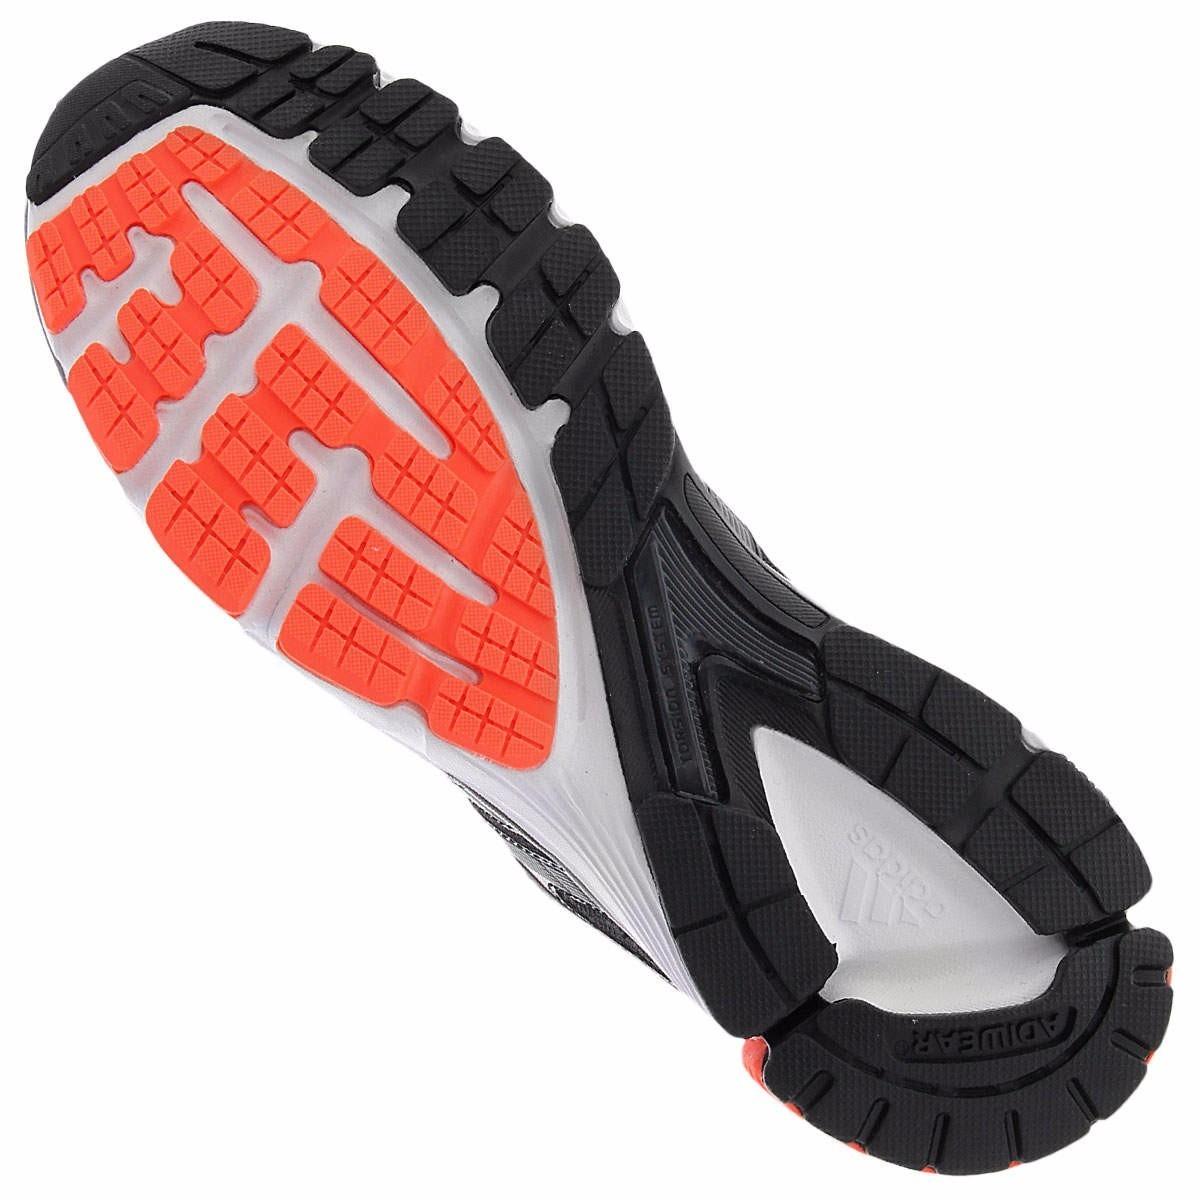 f6d983f148 Zapatillas adidas Nova Cushion M Hombre Negras Nuevas S81703 - $ 2.259,00  en Mercado Libre